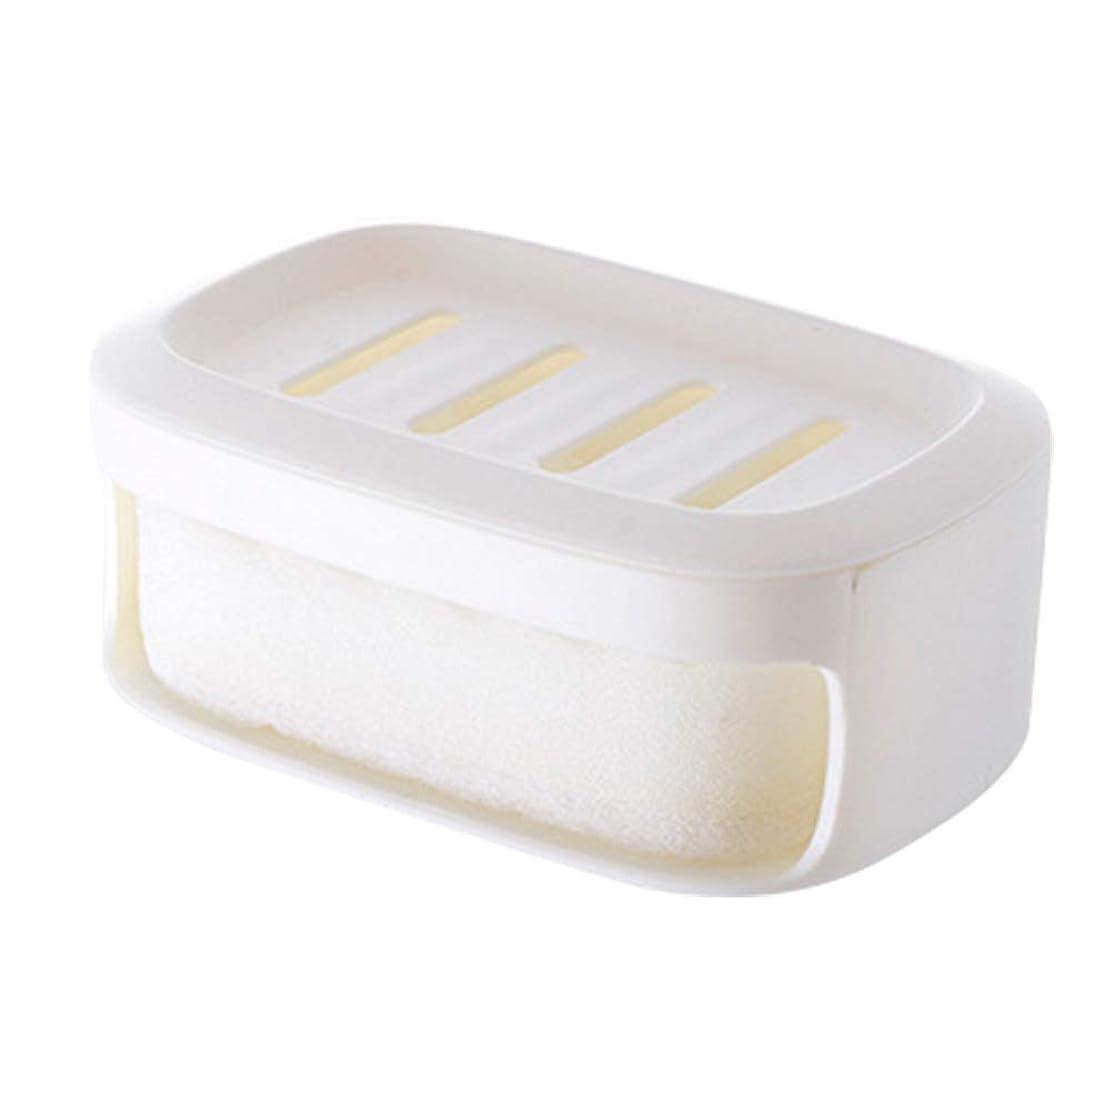 格差パイント間に合わせHealifty ソープボックス二重層防水シールソープコンテナバスルームソープ収納ケース(ホワイト)